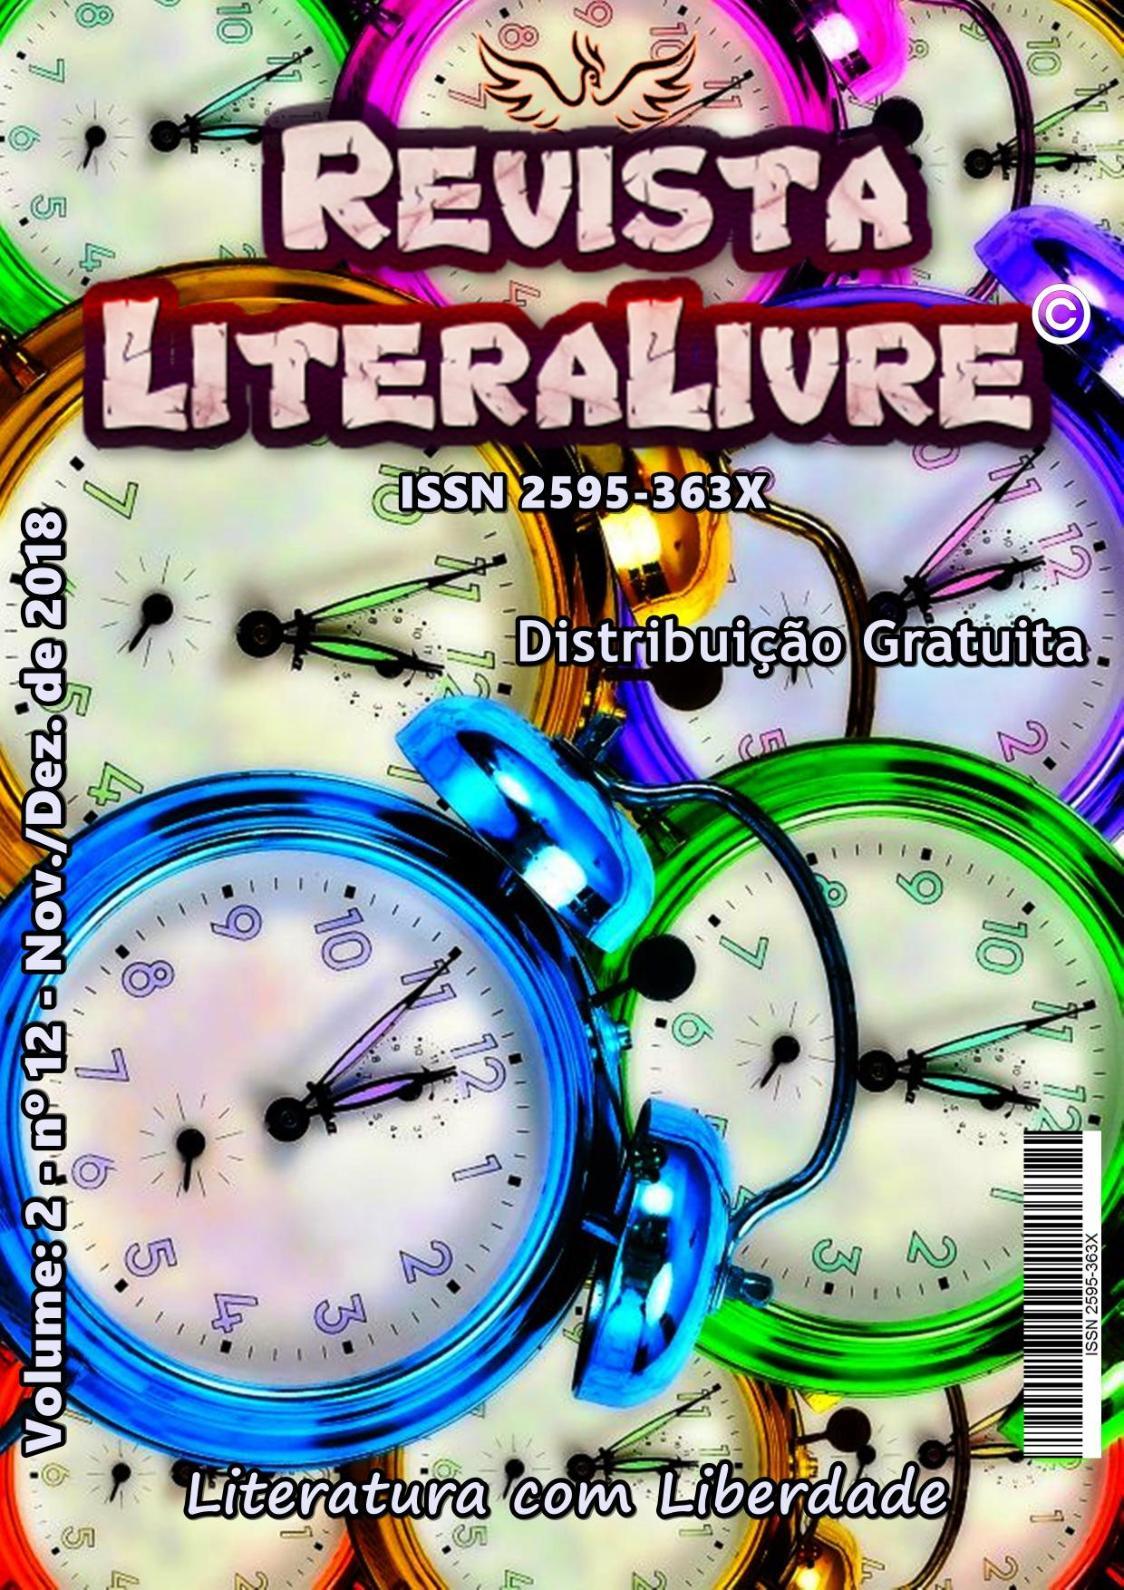 Calaméo - Revista Litera Livre 12ª Edição b1994f0e83d67